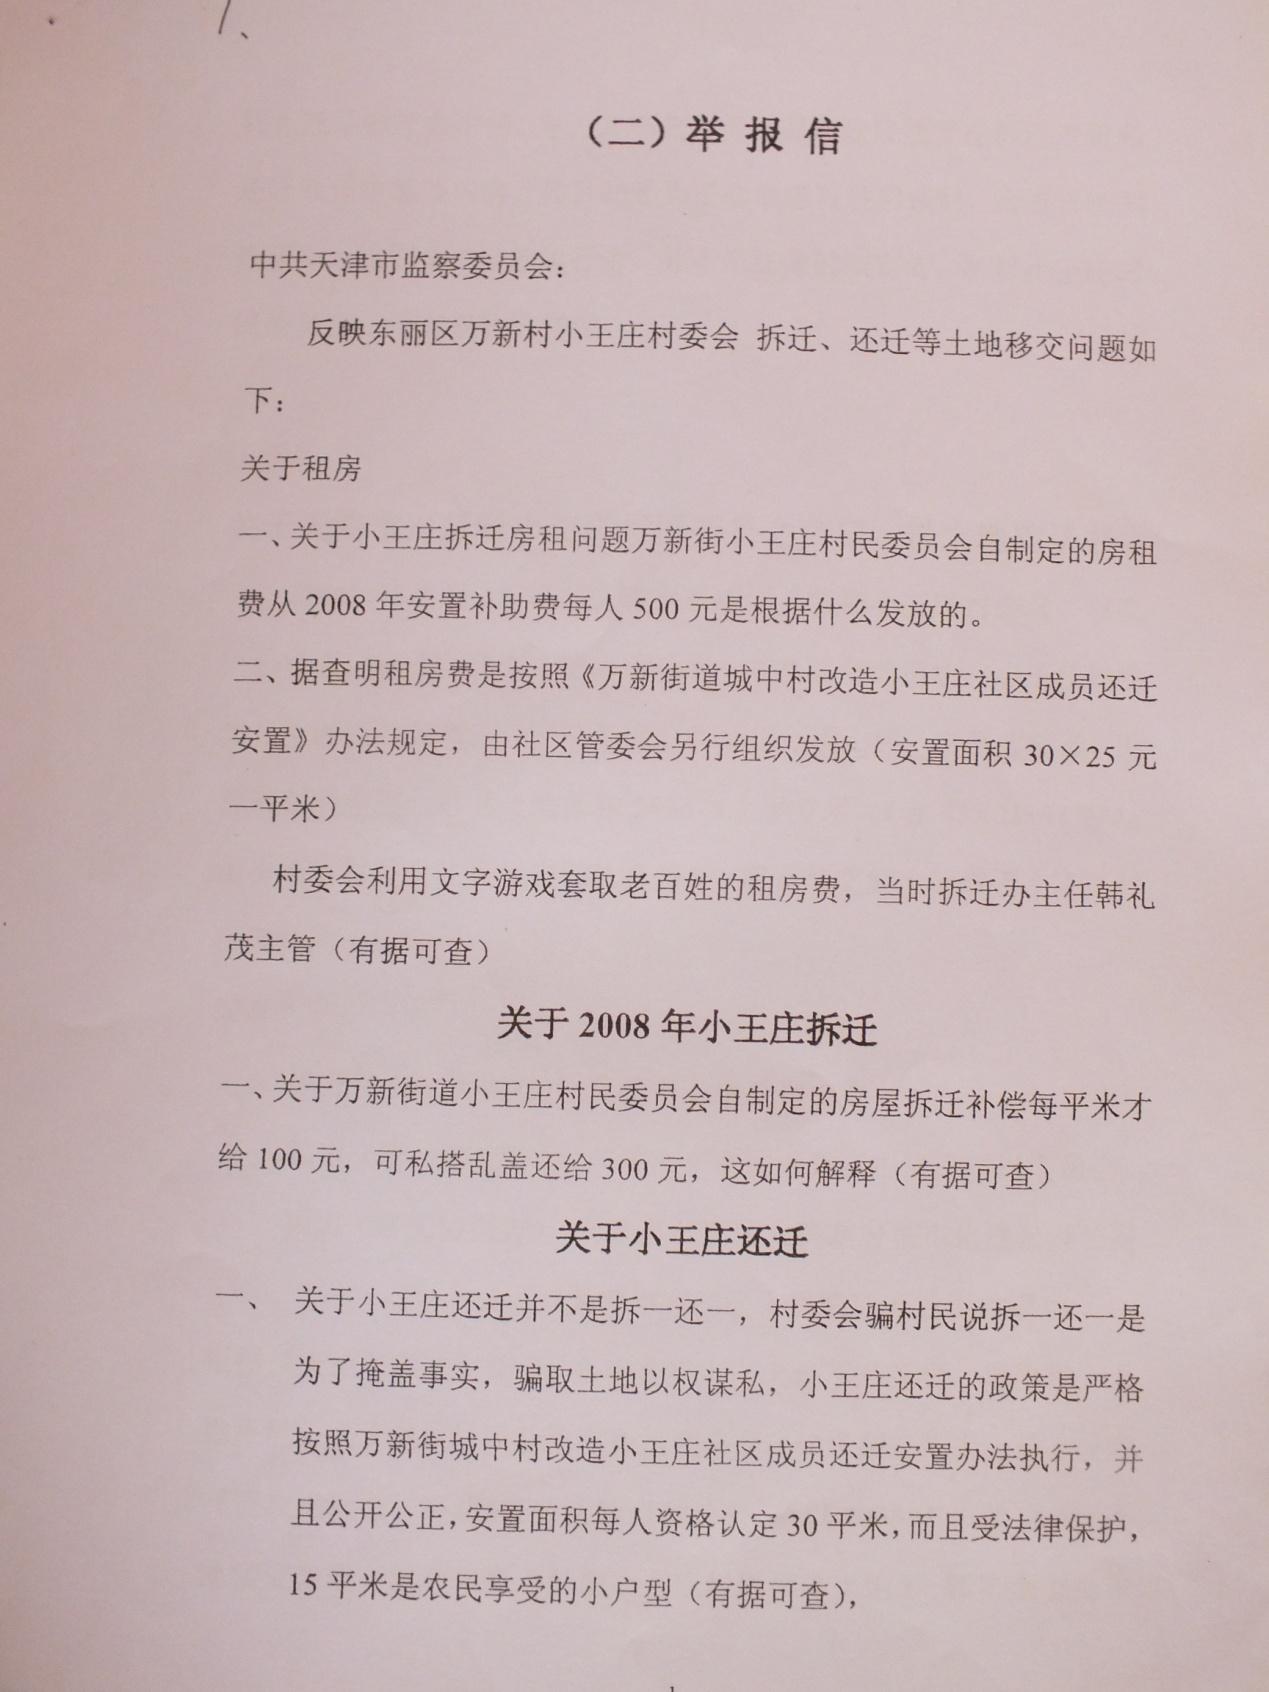 天津东丽区小王庄土地先后被出售,里面究竟有什么猫腻?